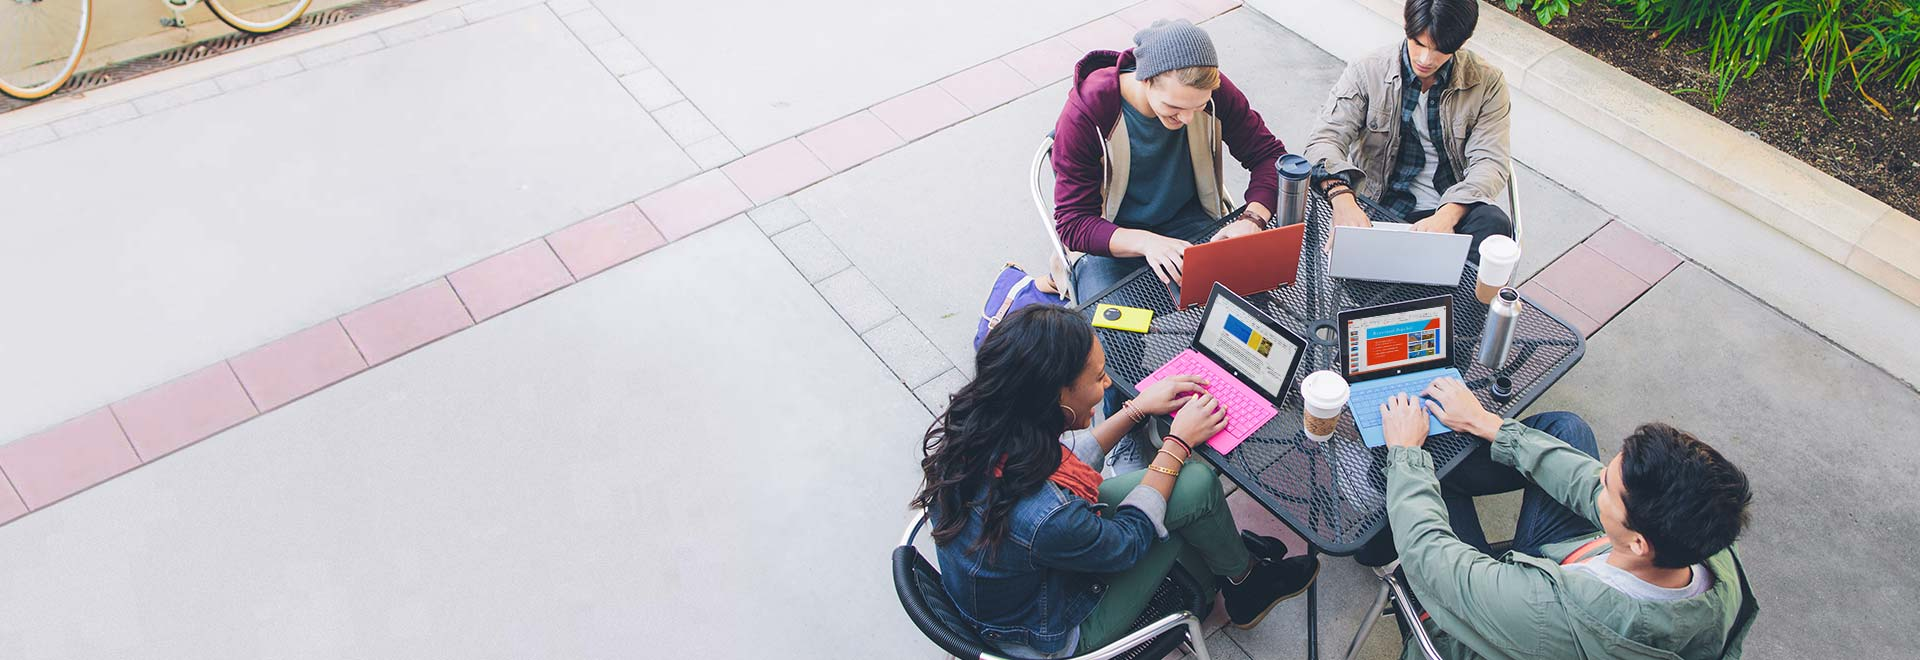 Τέσσερις σπουδαστές κάθονται σε ένα τραπέζι έξω και χρησιμοποιούν το Office 365 για εκπαιδευτικά ιδρύματα σε tablet.